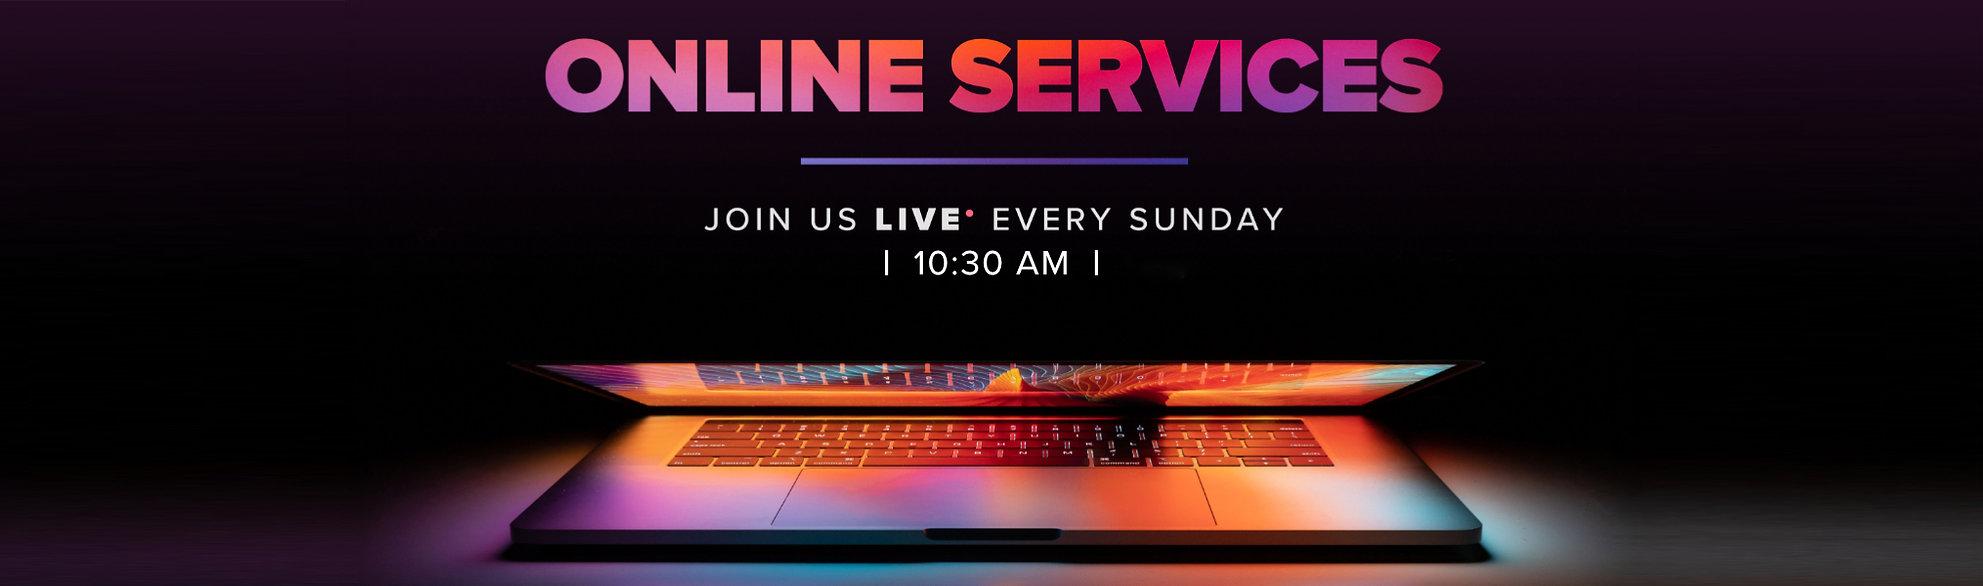 Online Services Wide.jpg